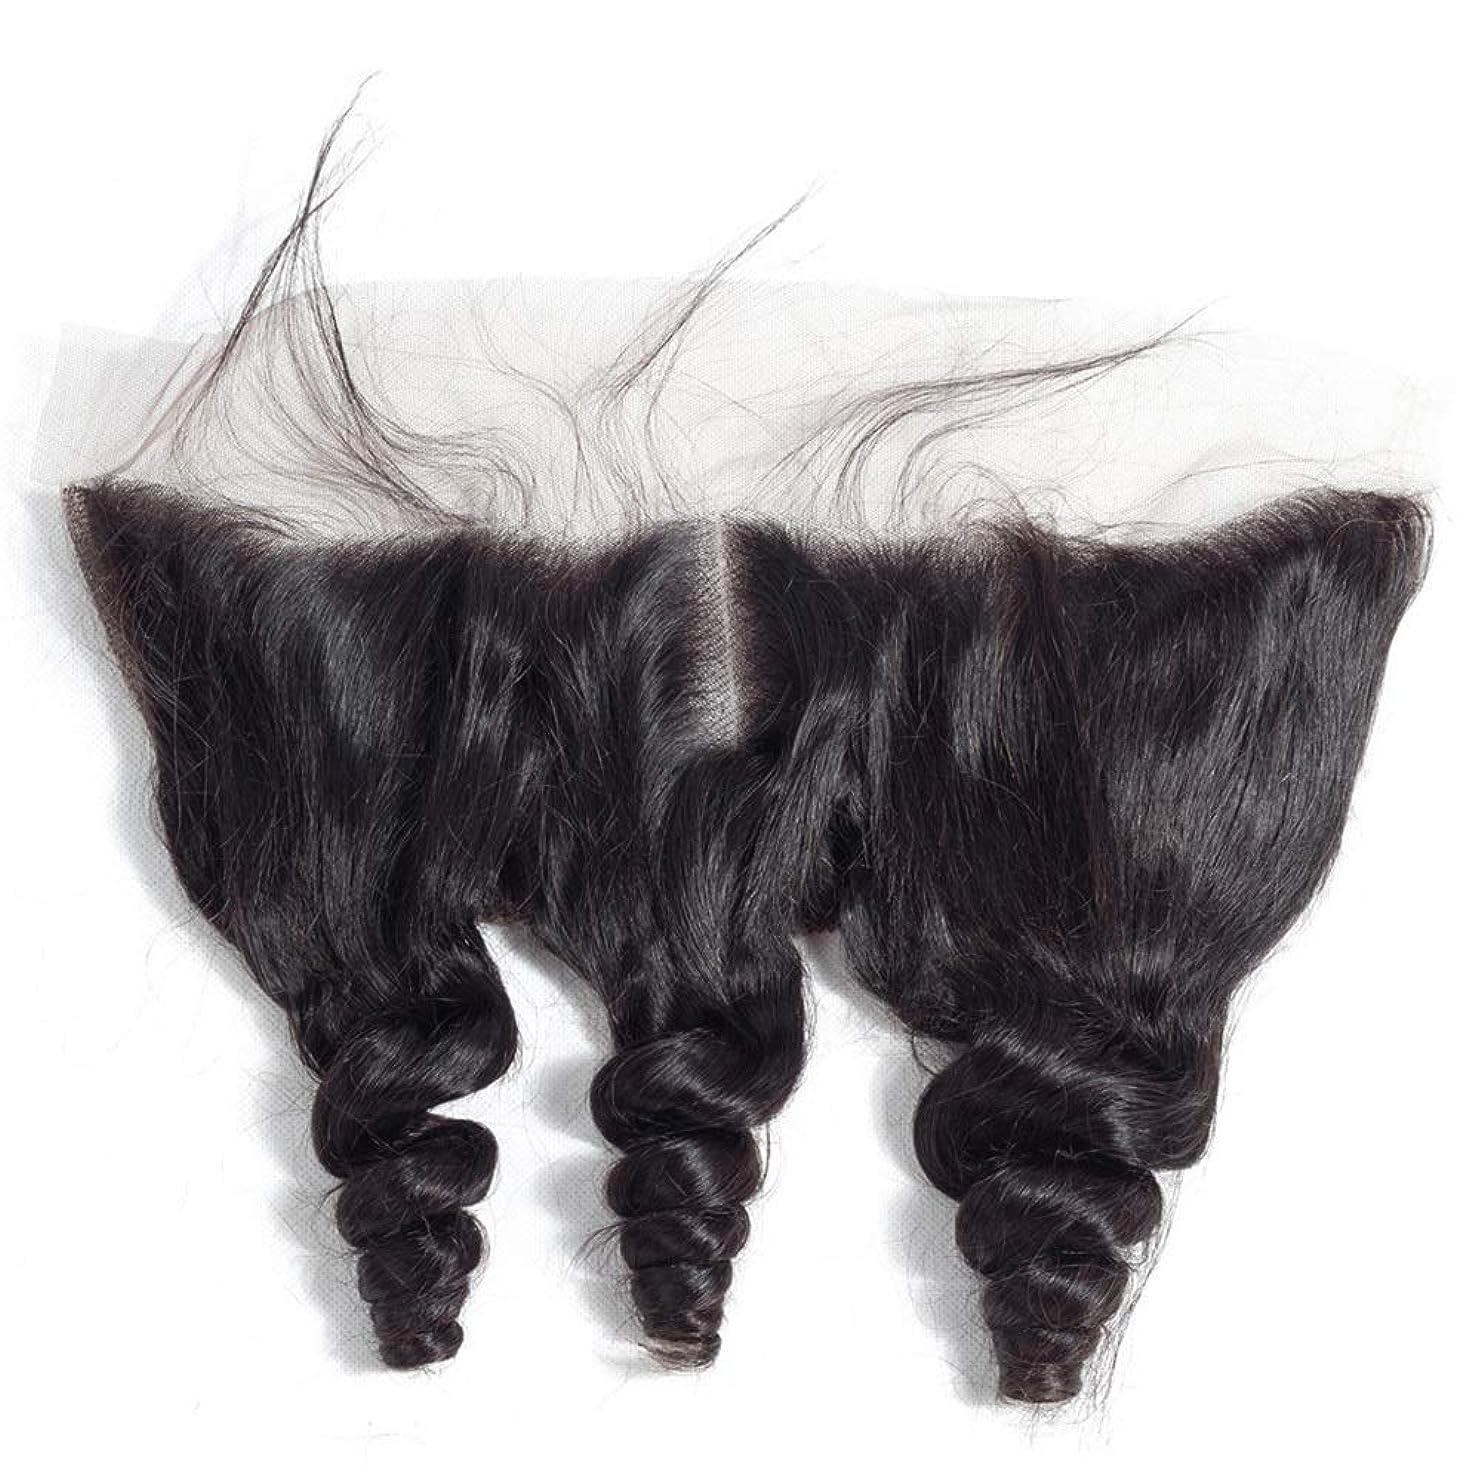 精巧なブラウスパールYrattary ブラジルルースウェーブヘアー13 * 4レース前頭閉鎖中央部人毛エクステンションファッションかつら (色 : ブラック, サイズ : 12 inch)